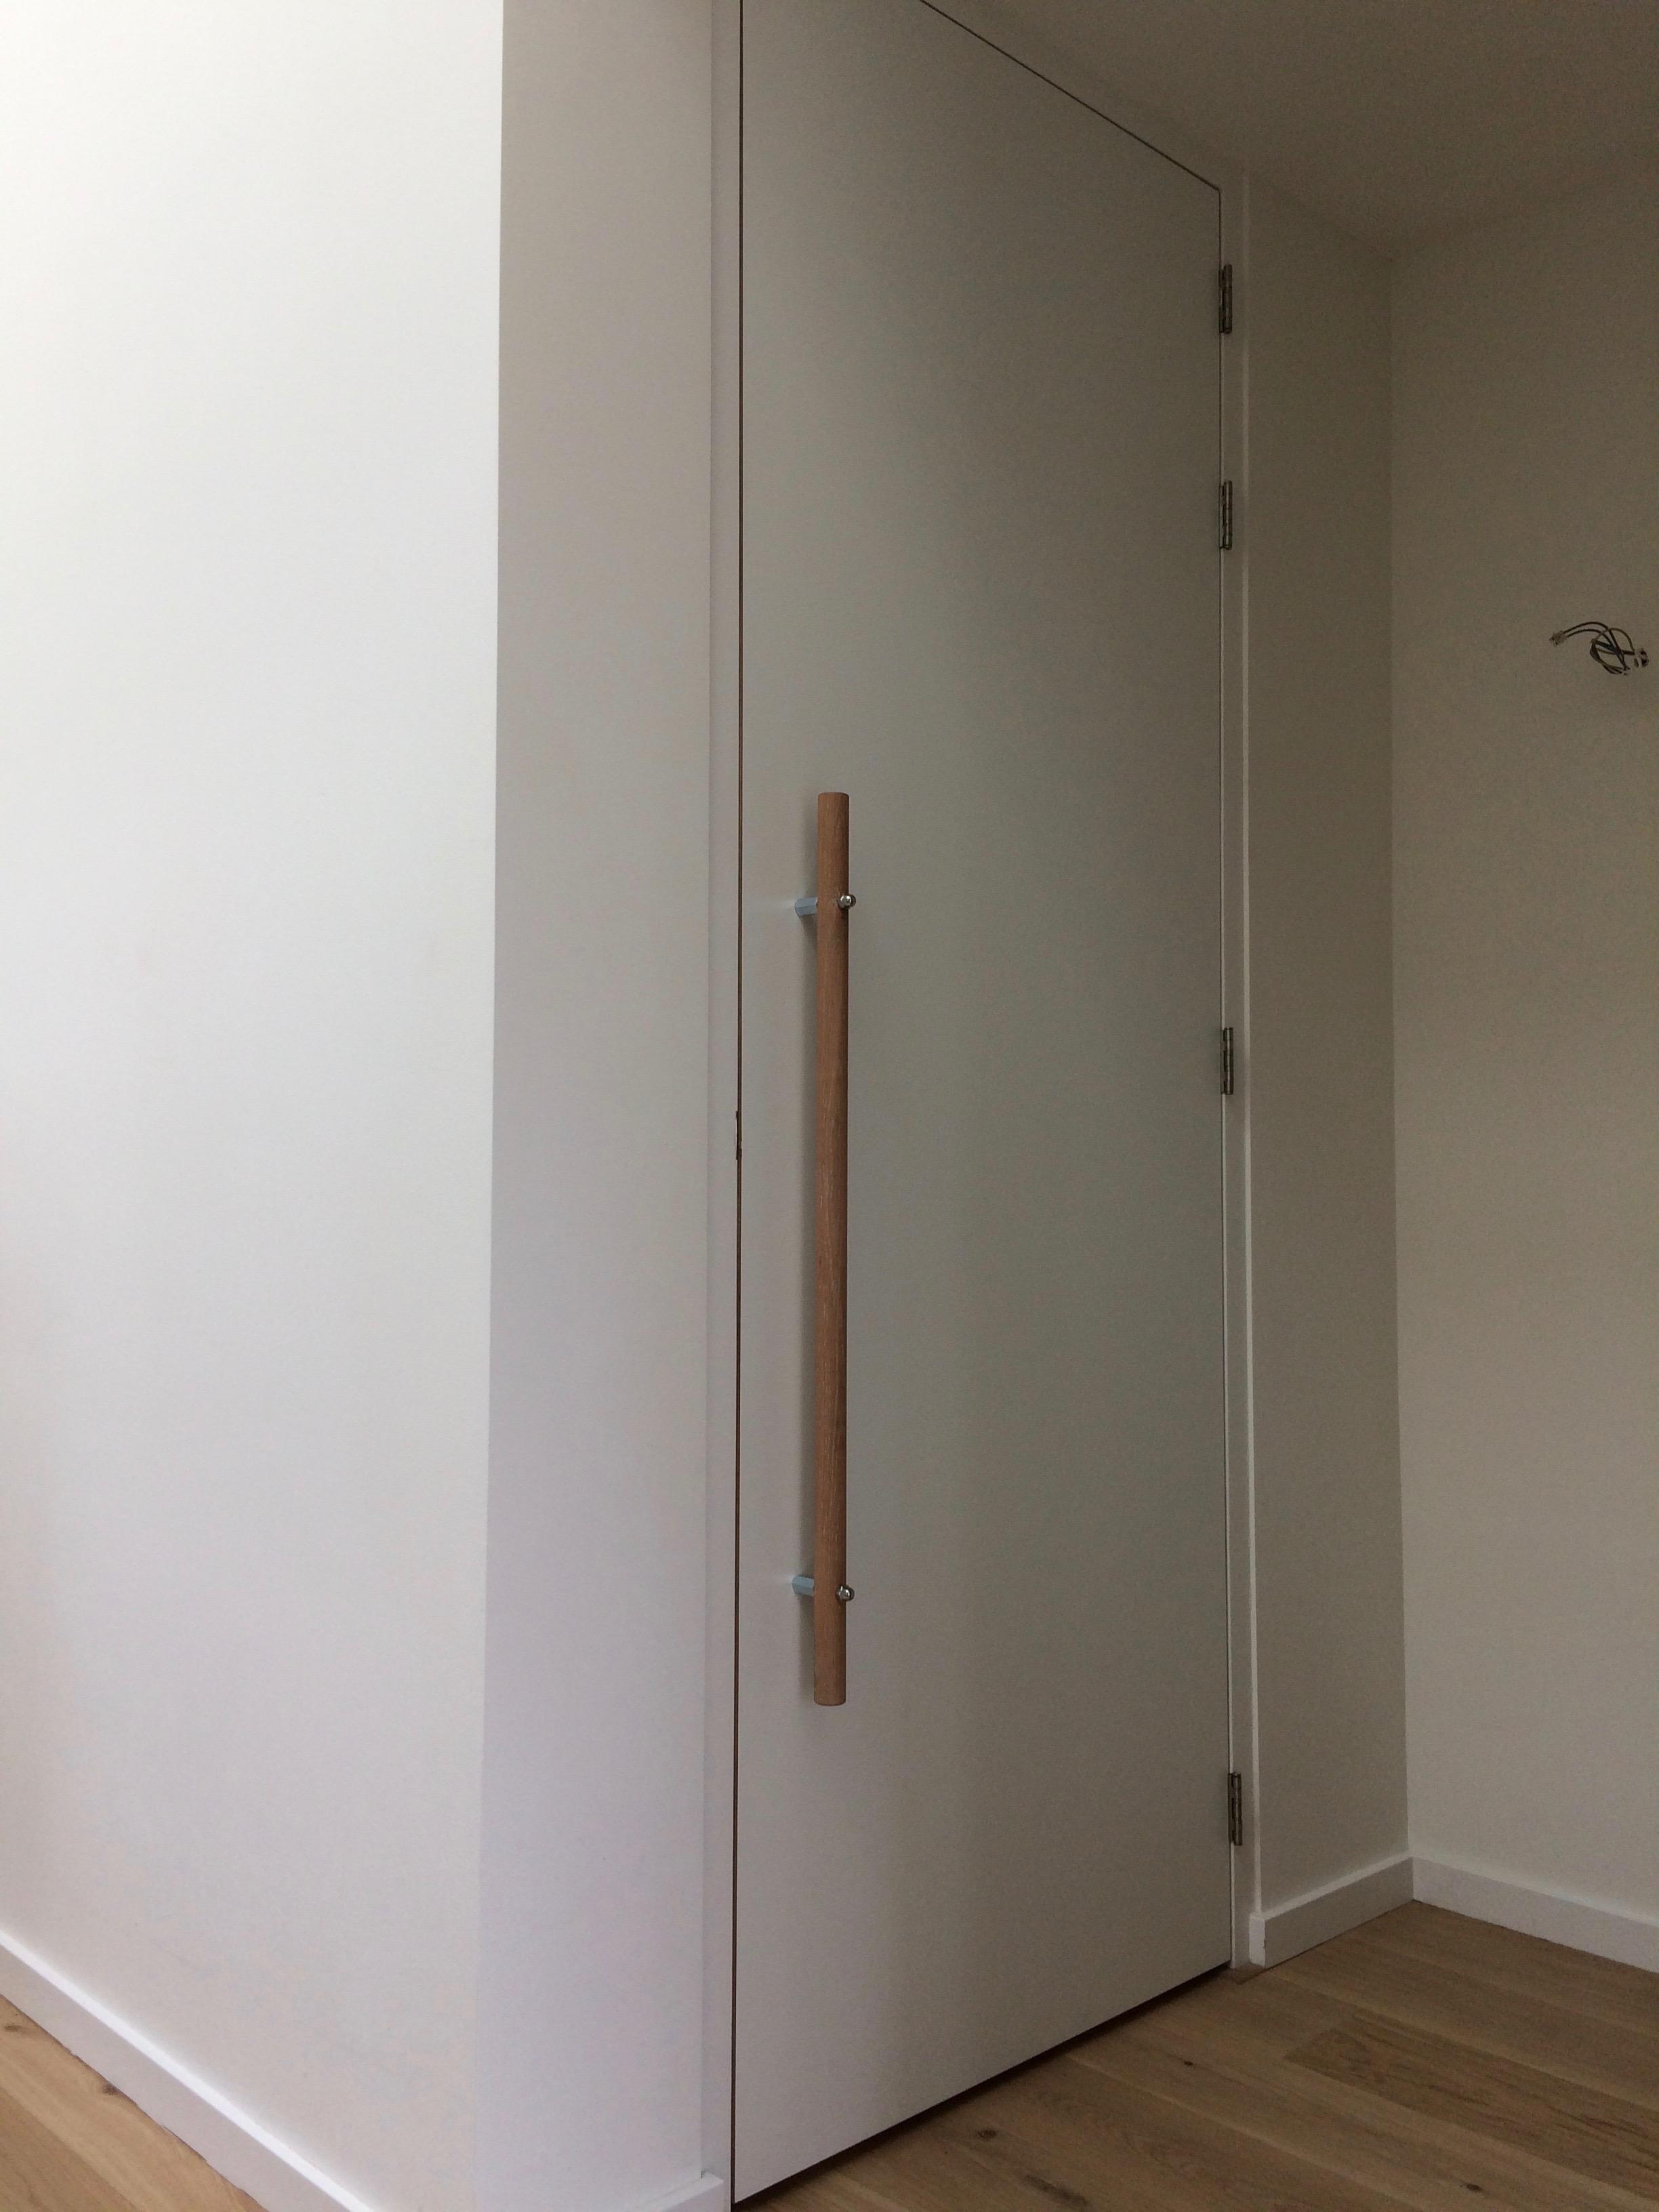 binnendeur-op-maat-gemaakt-met-houten-greep